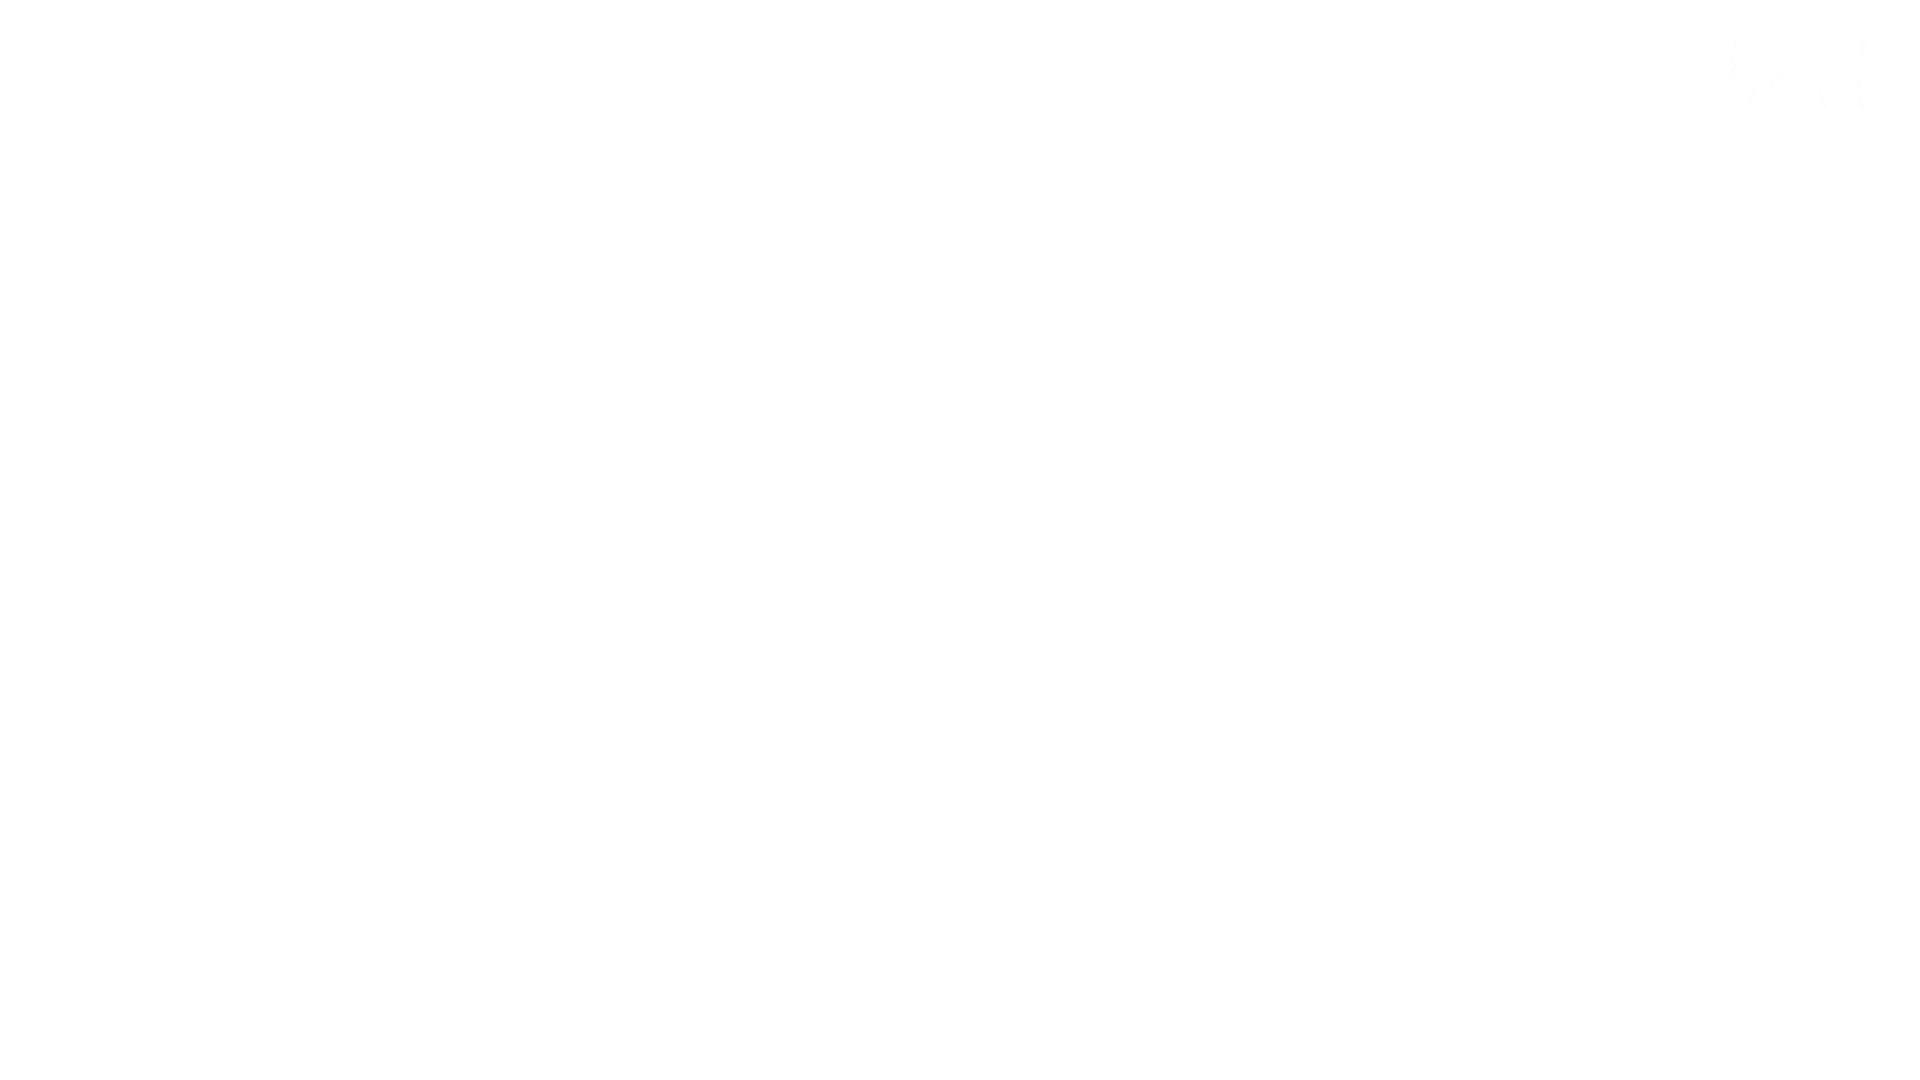 至高下半身盗撮-PREMIUM-【院内病棟編 】 vol.01 盗撮  73枚 64